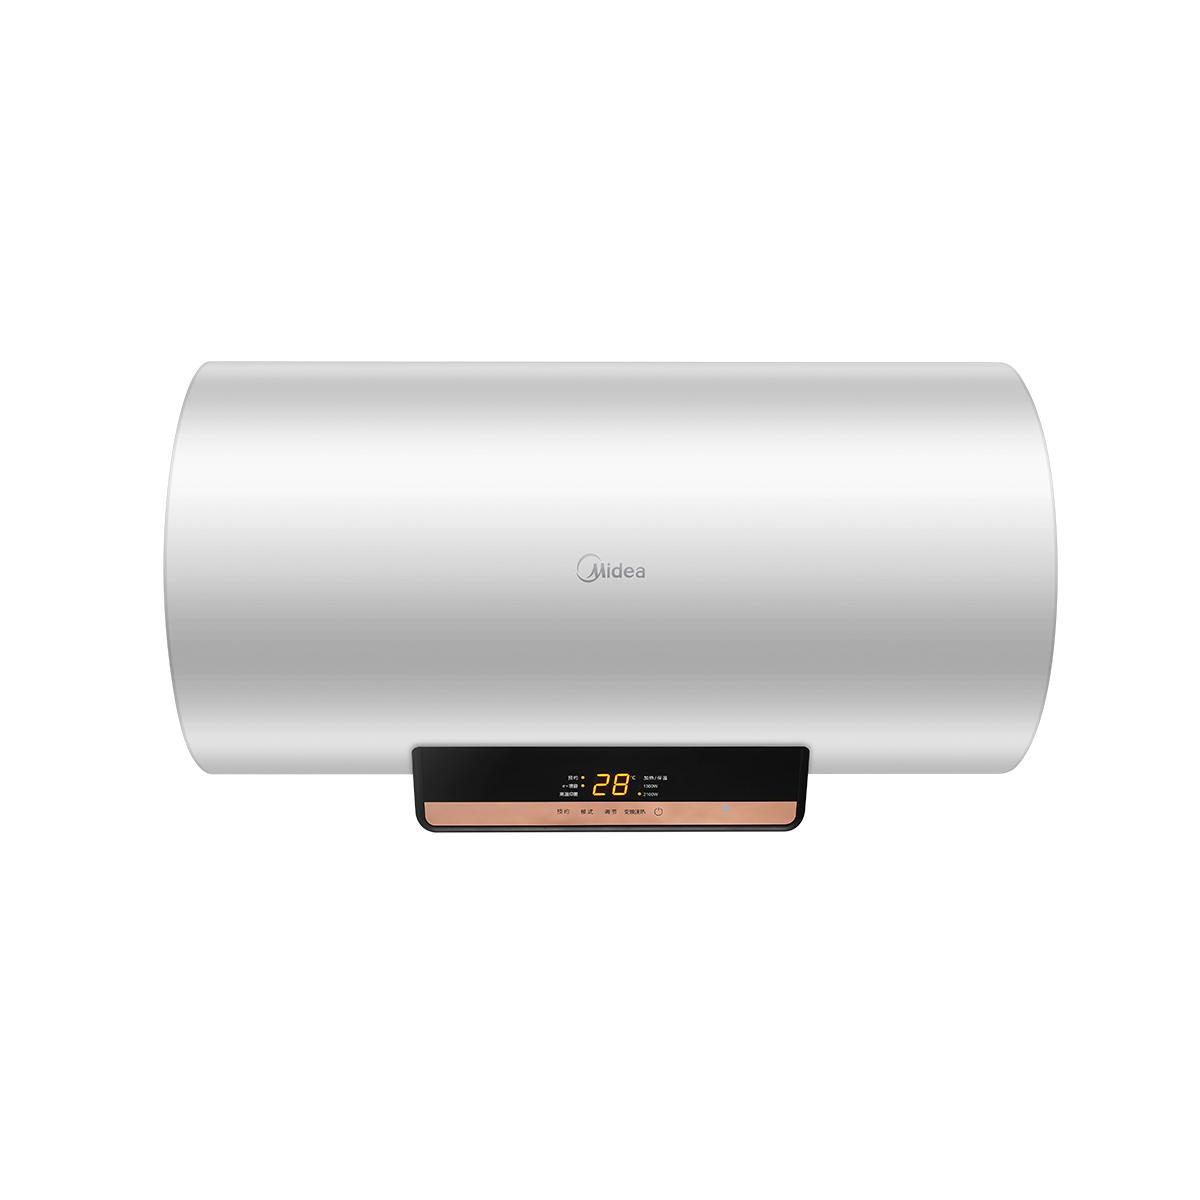 Midea/美的 F8021-T4(HEY)电热水器极地白电热水器 说明书.pdf